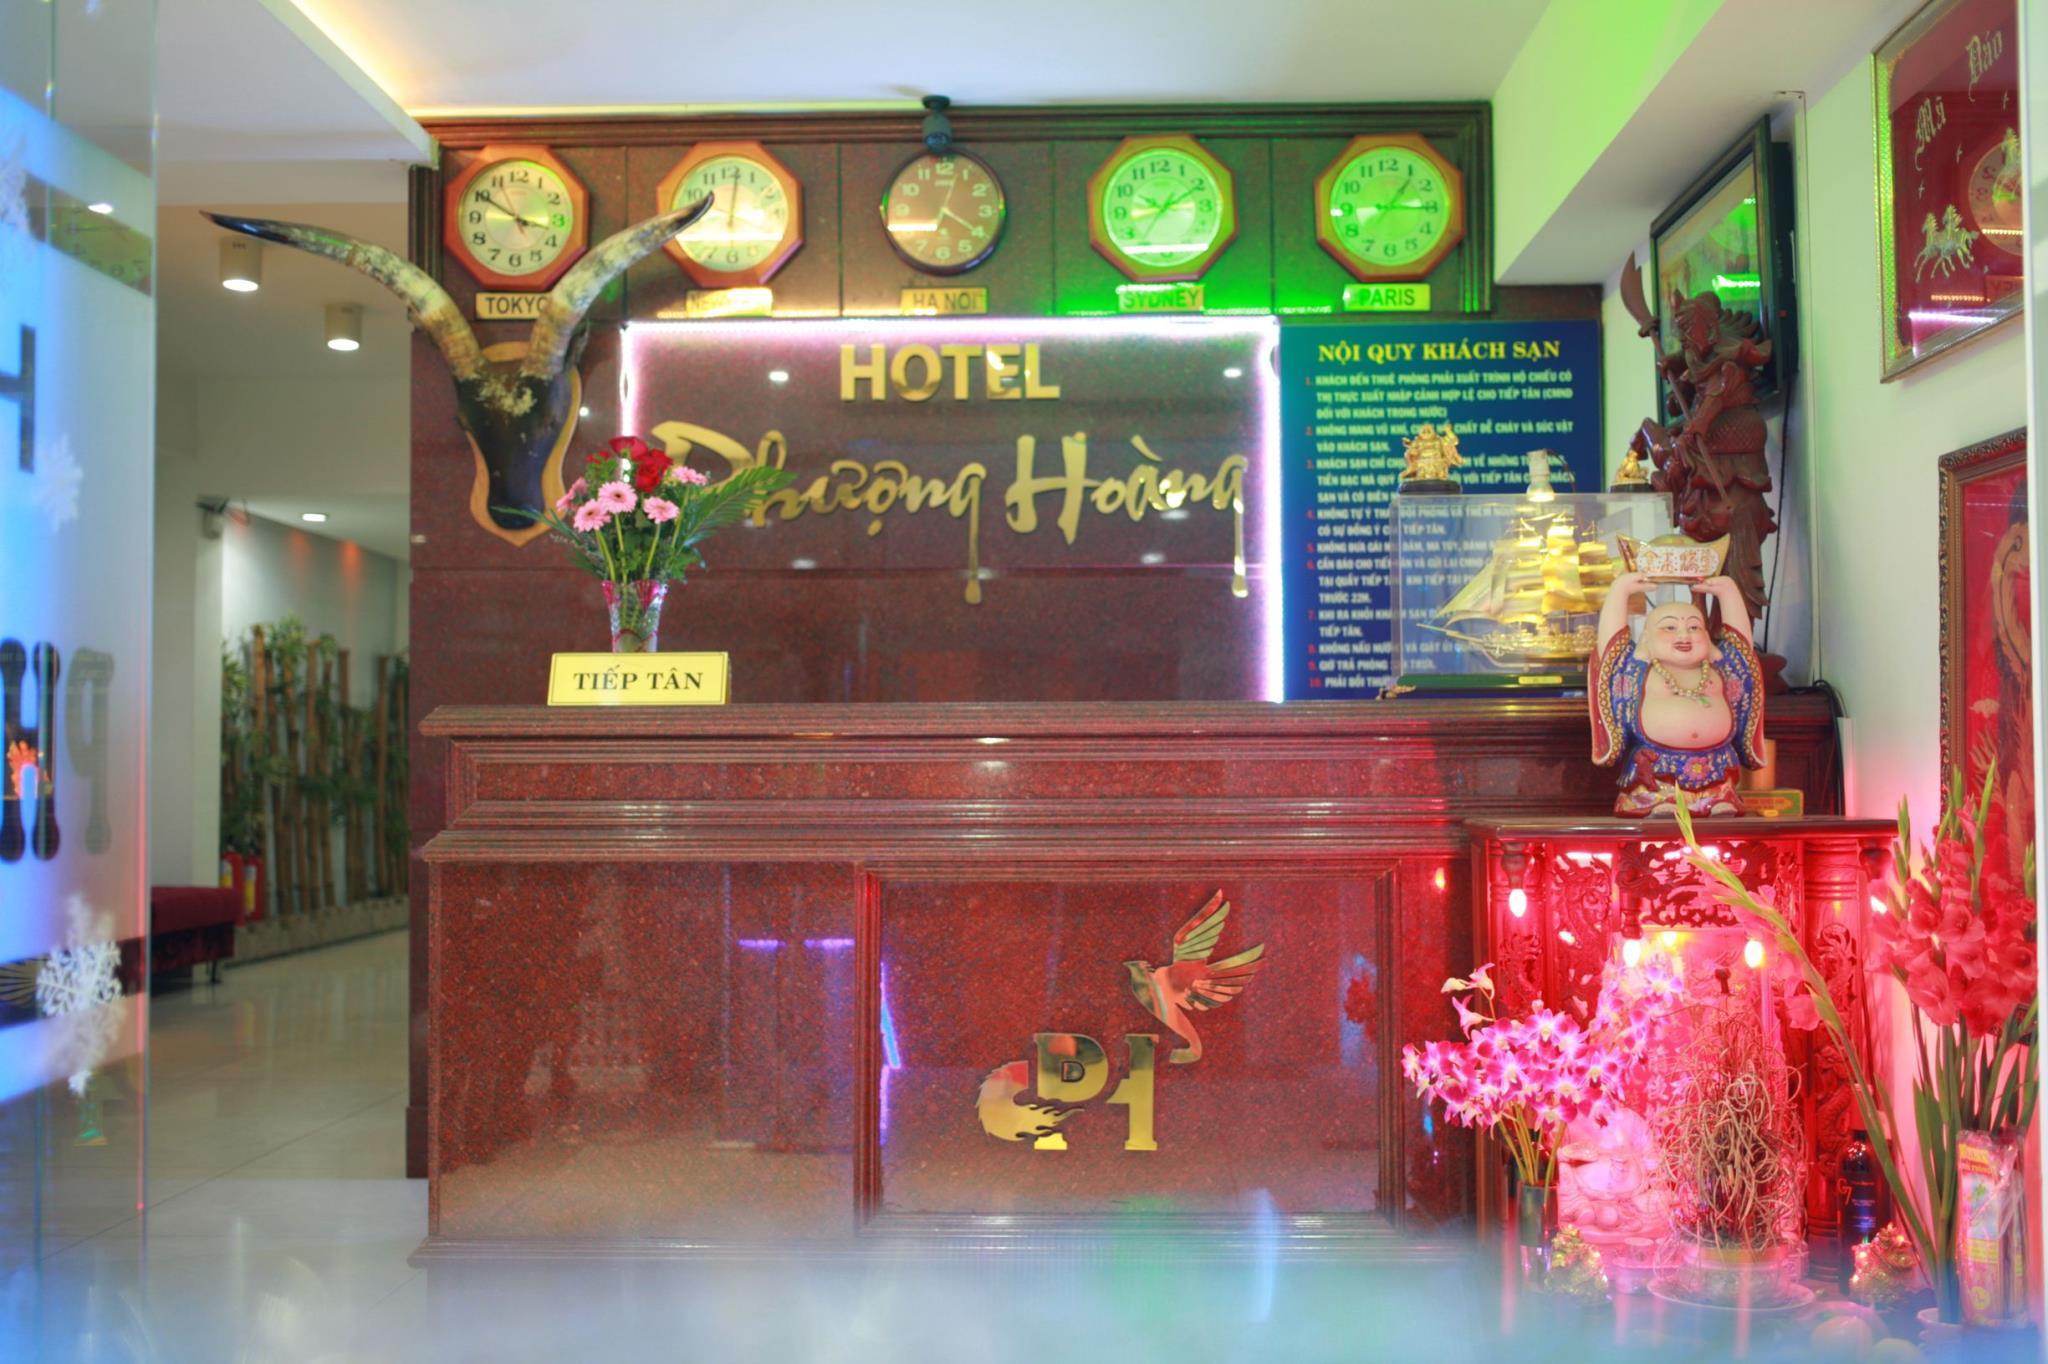 Khách Sạn Phượng Hoàng Hồ Chí Minh